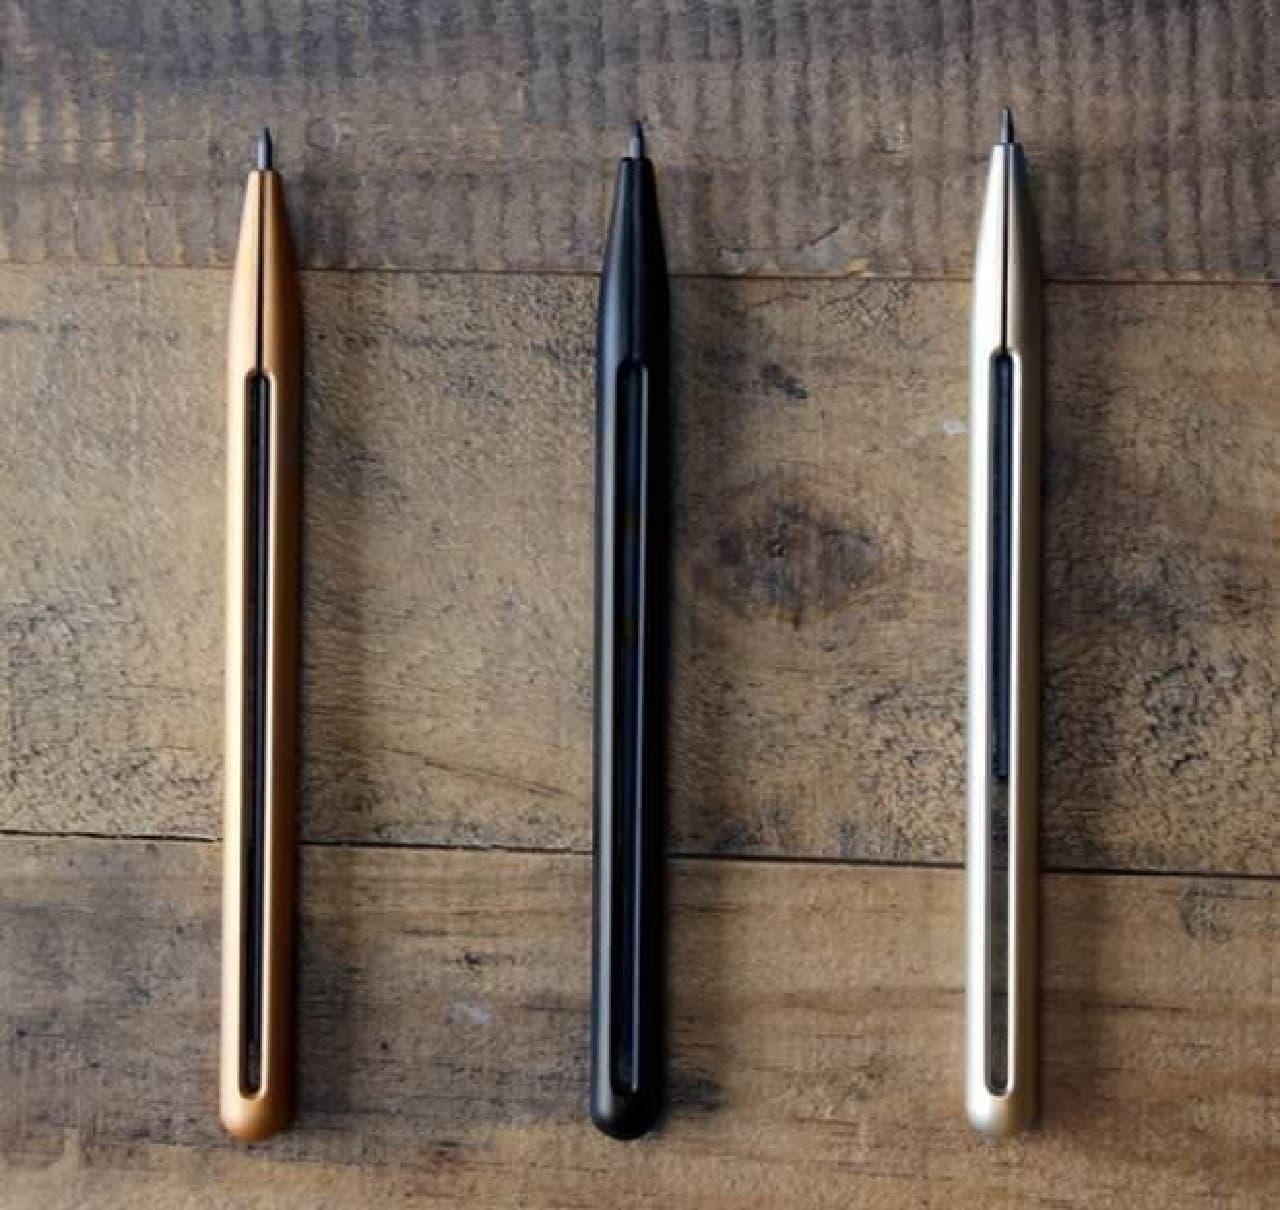 「Penxo」カラ―バリエーション  (左から「ゴールド」「ブラック」「シルバー」)